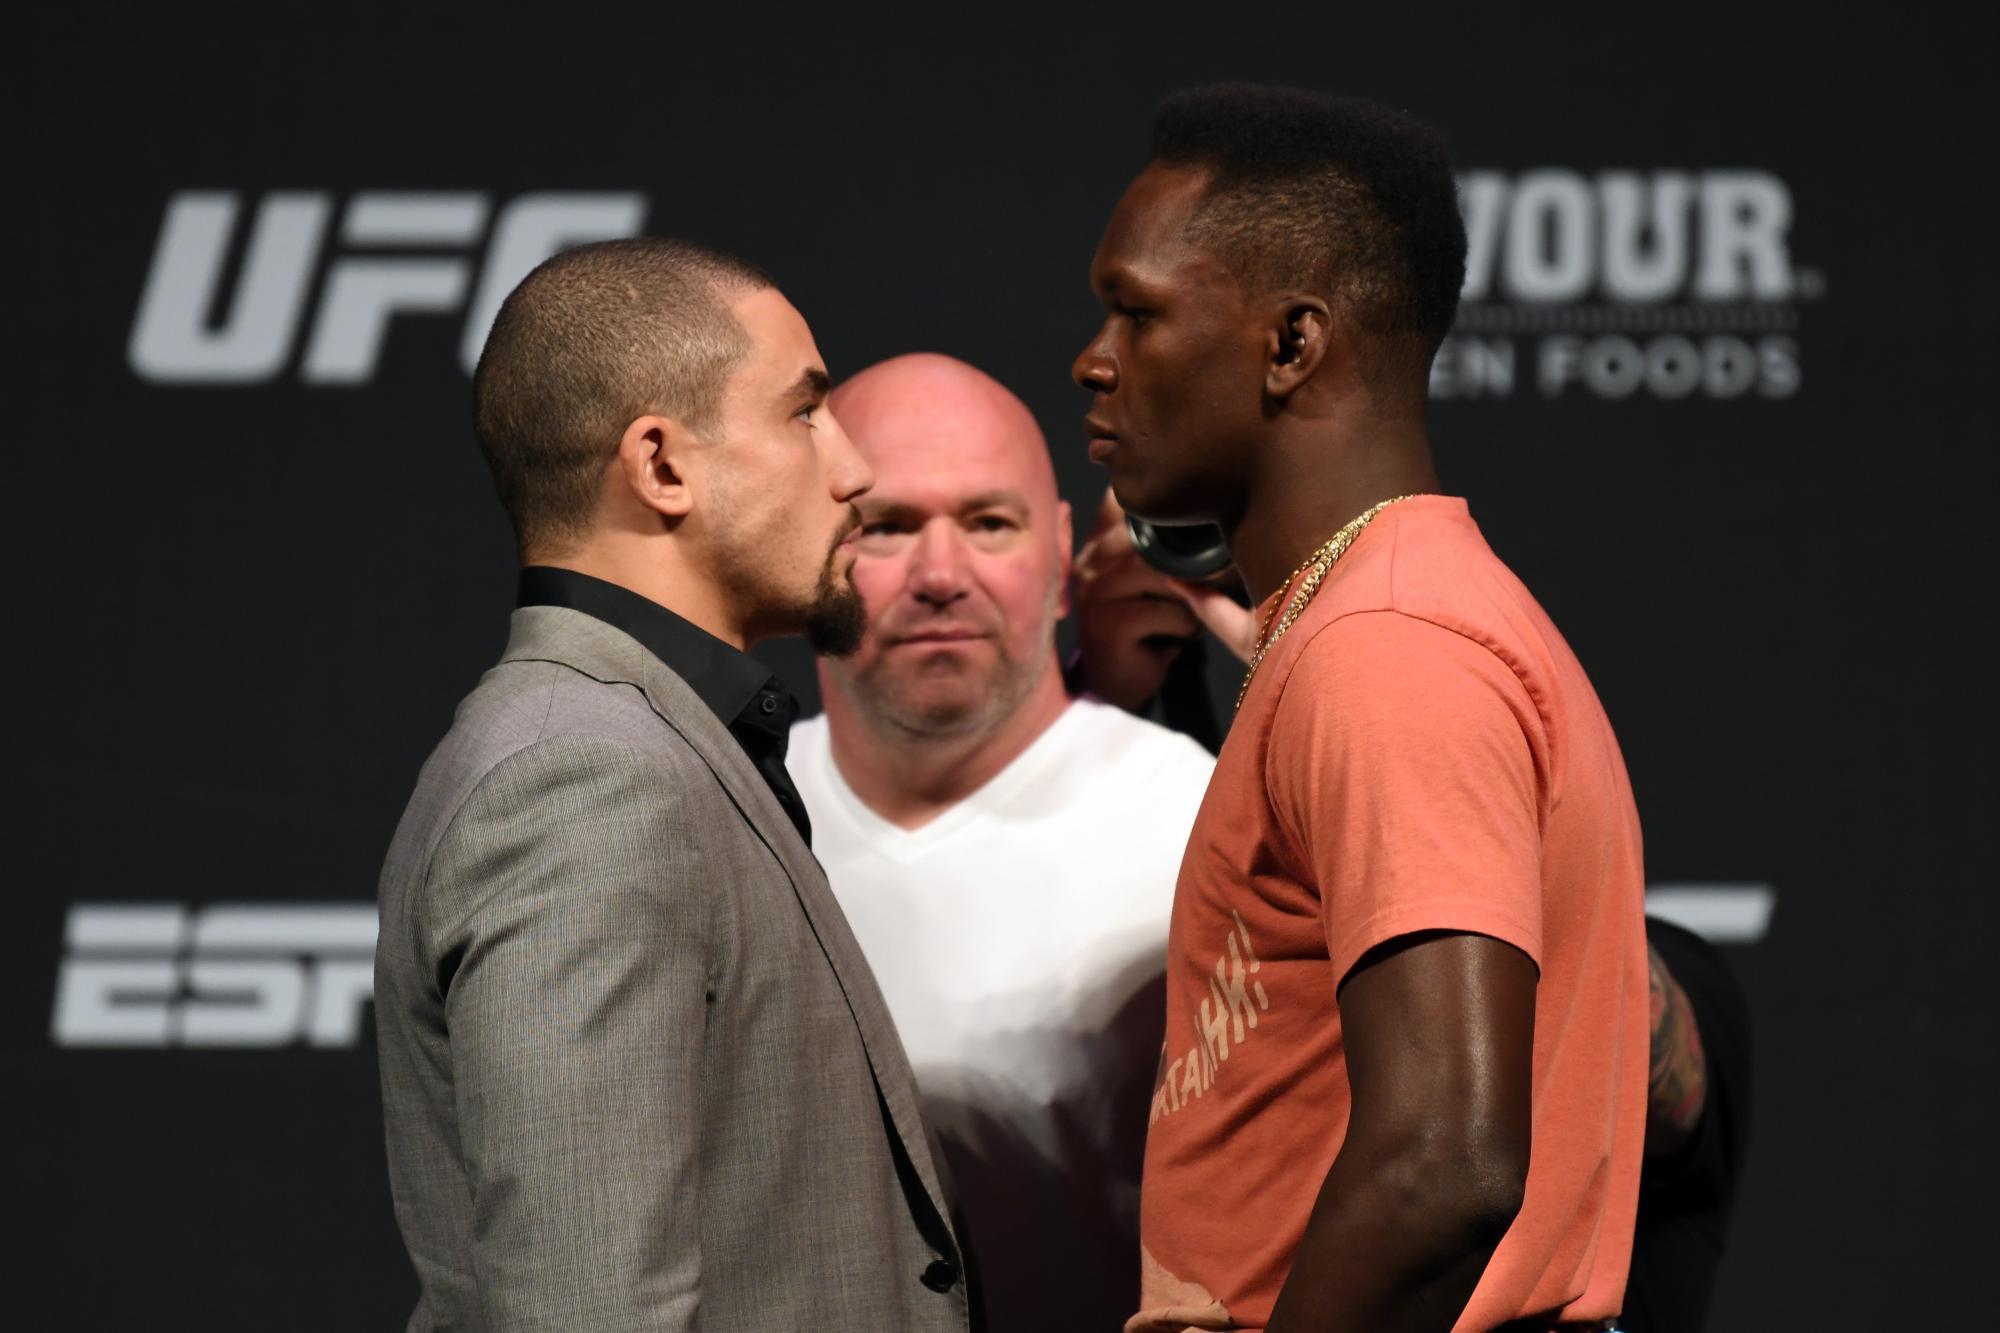 Whittaker Vs Adesanya To Headline UFC 243 | UFC